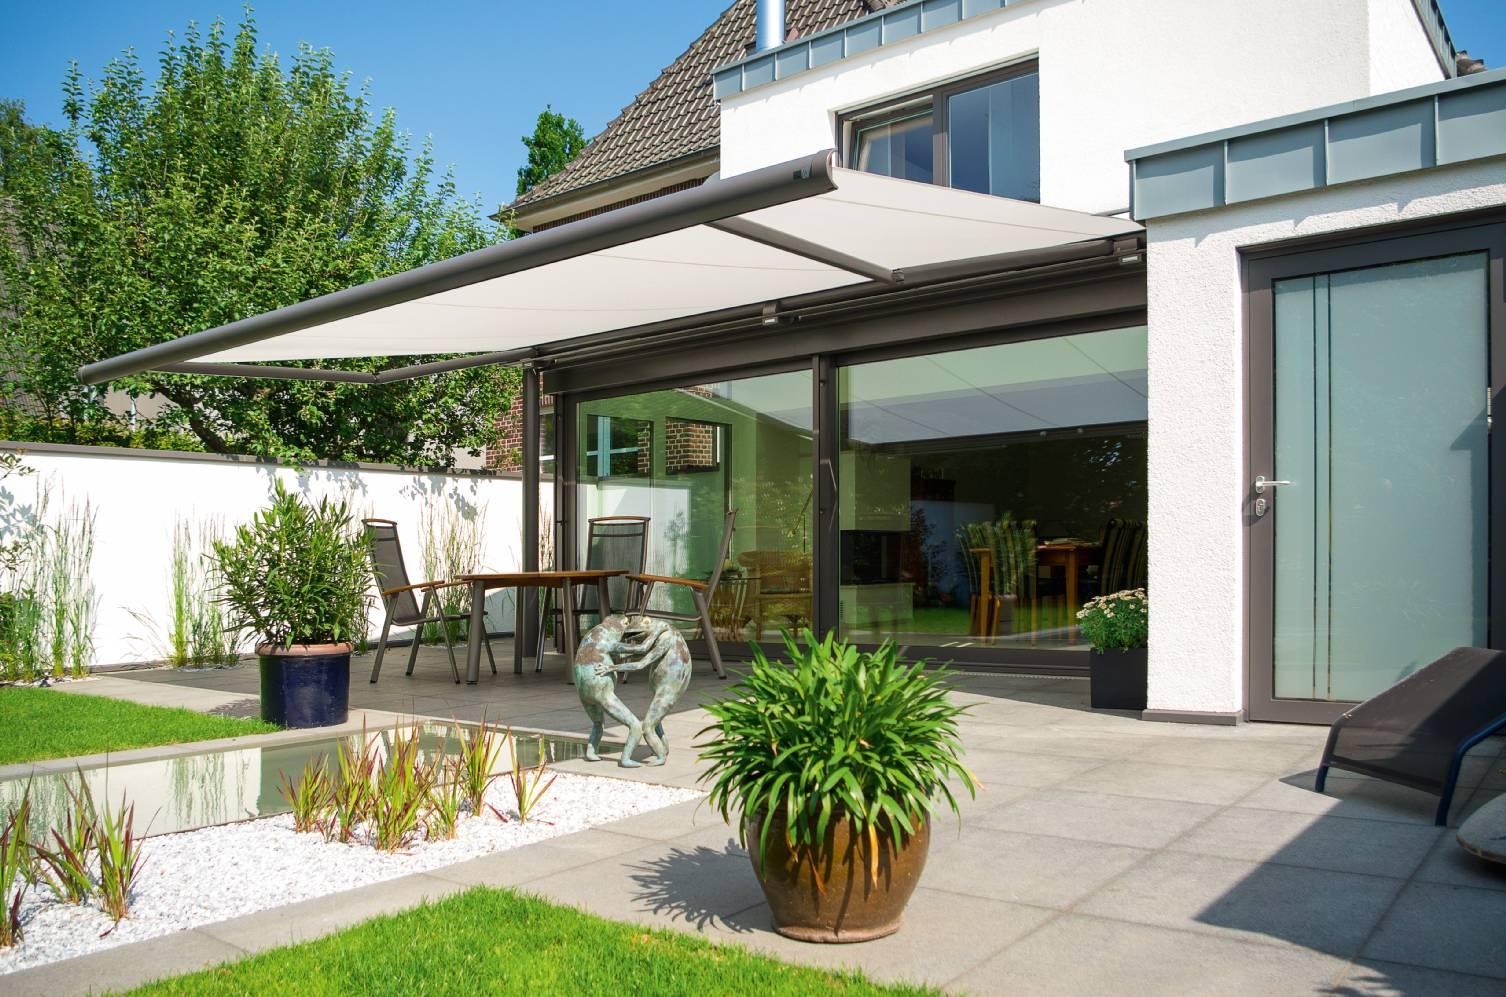 markise unter balkon diese markisen lassen sich unter. Black Bedroom Furniture Sets. Home Design Ideas